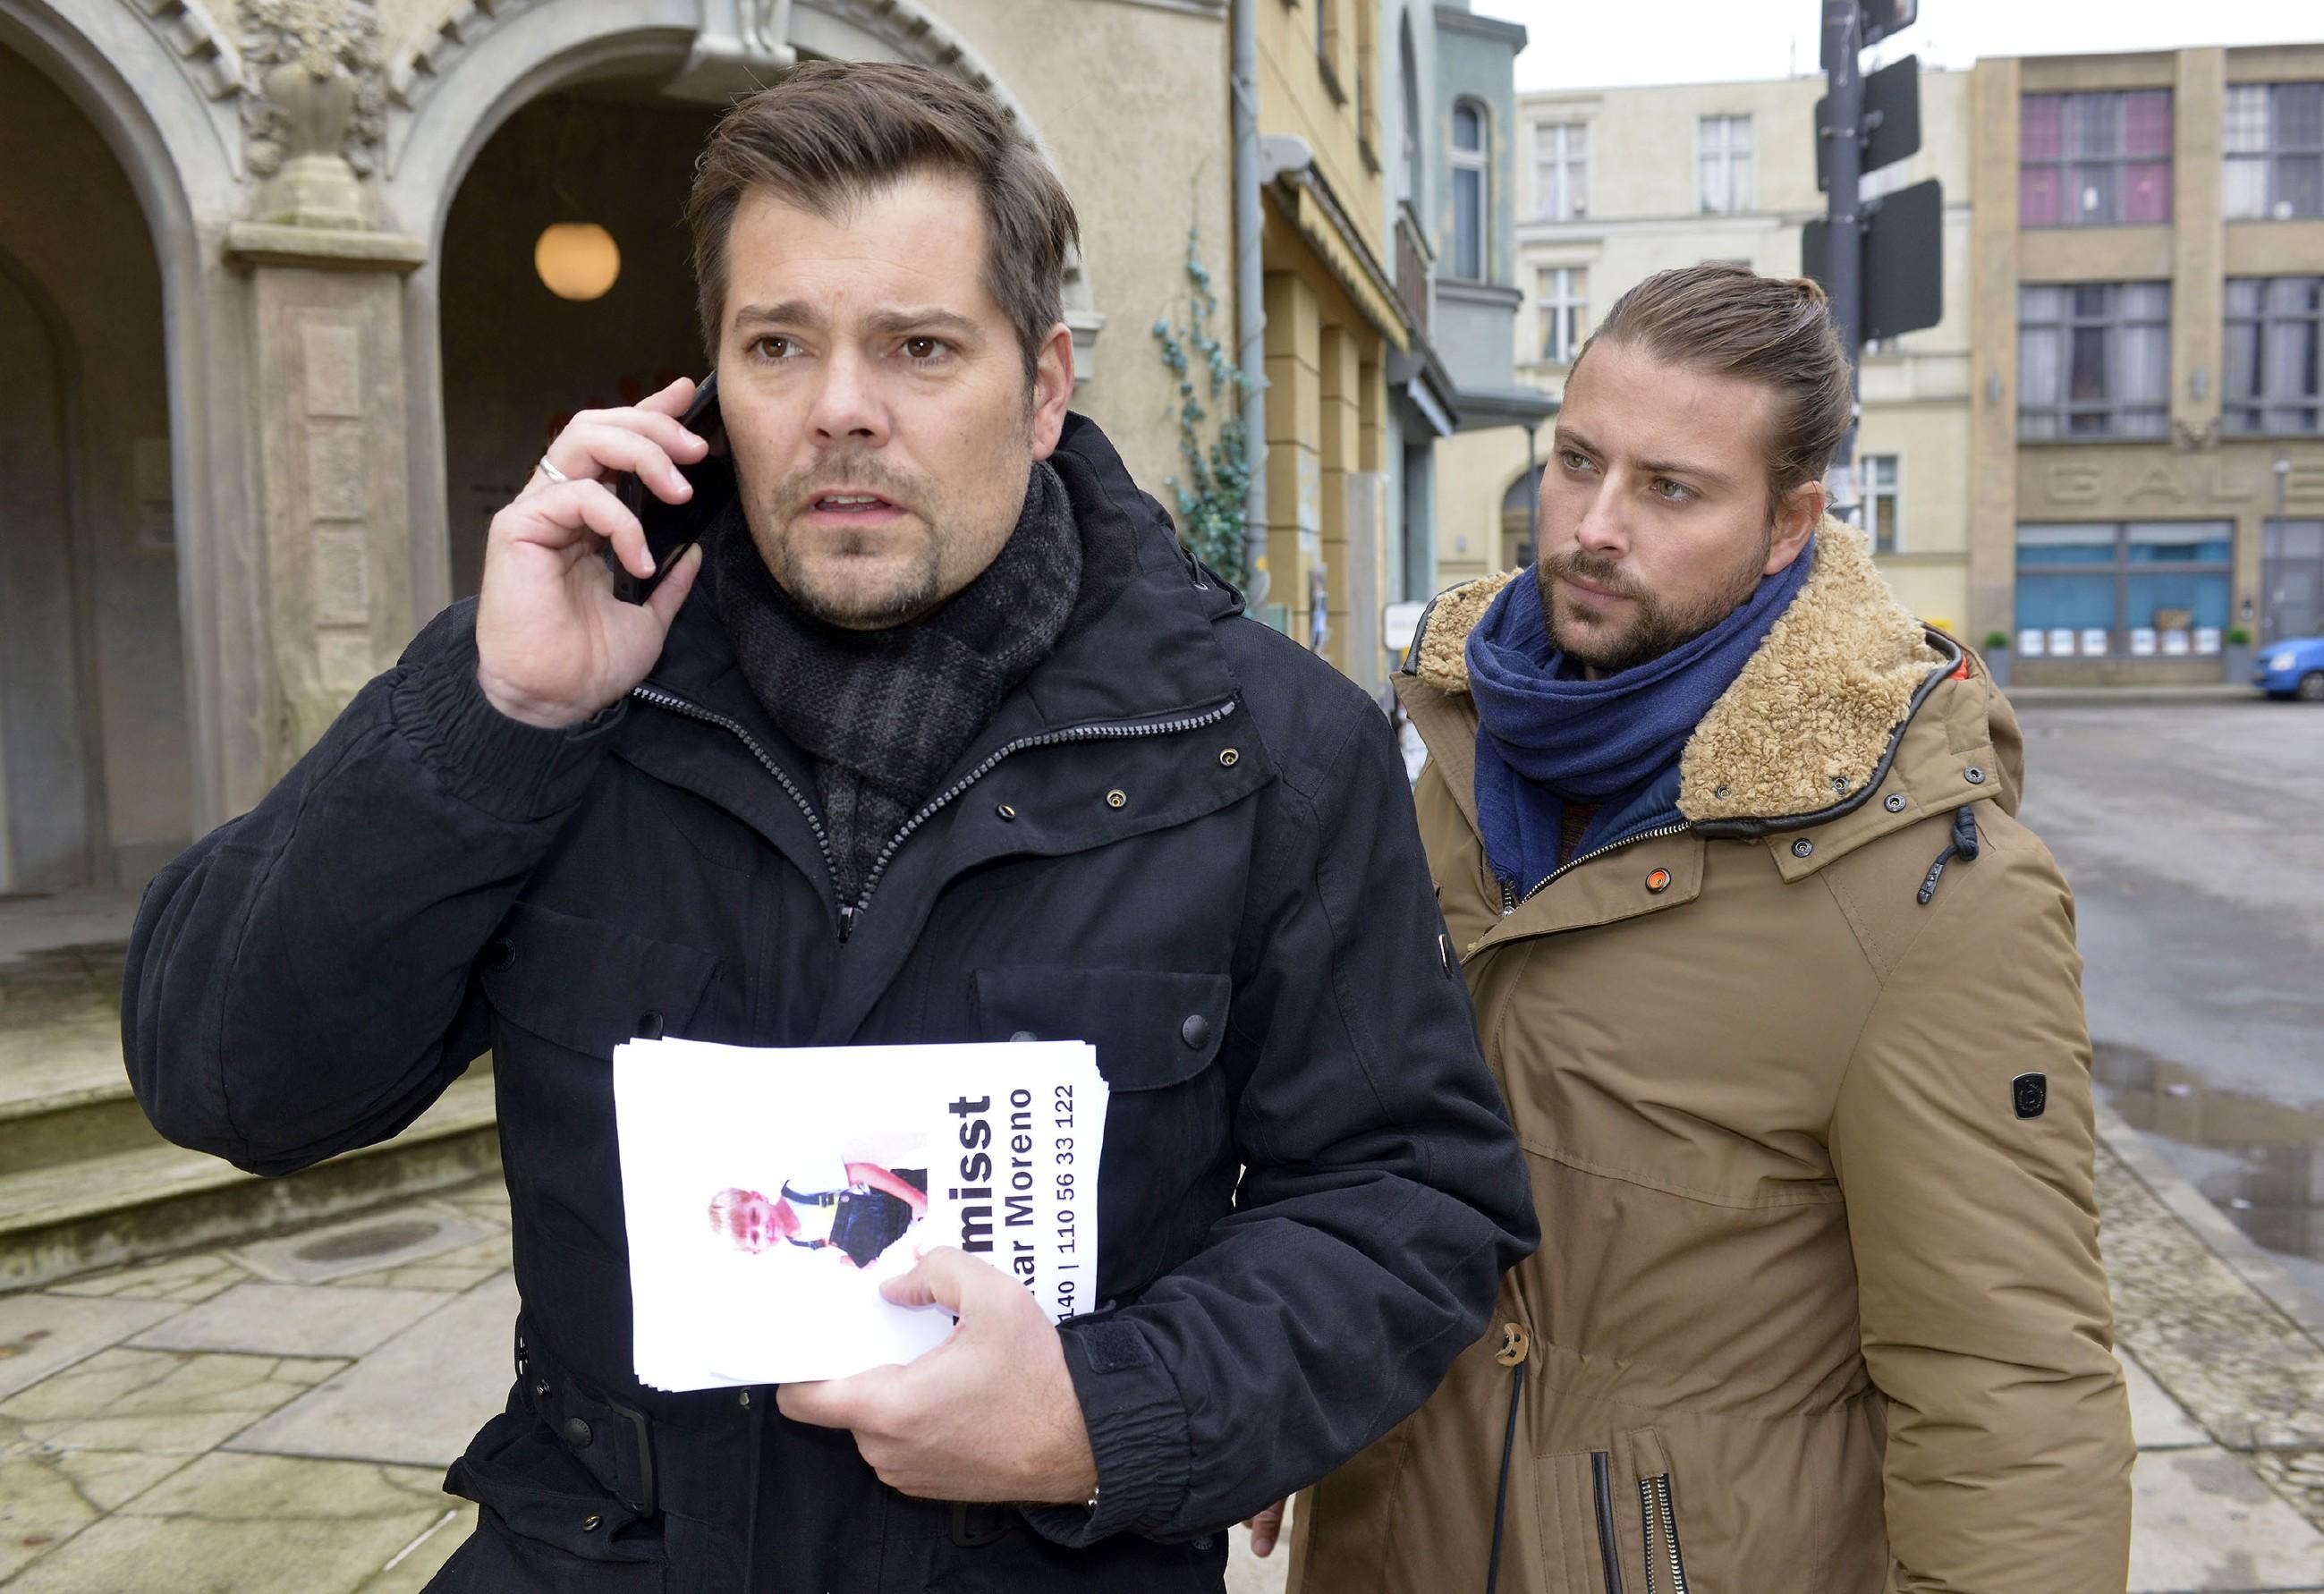 Voller Sorge machen sich Leon (Daniel Fehlow, l.) und John (Felix von Jascheroff) auf die Suche nach Oscar, der plötzlich verschwunden ist.